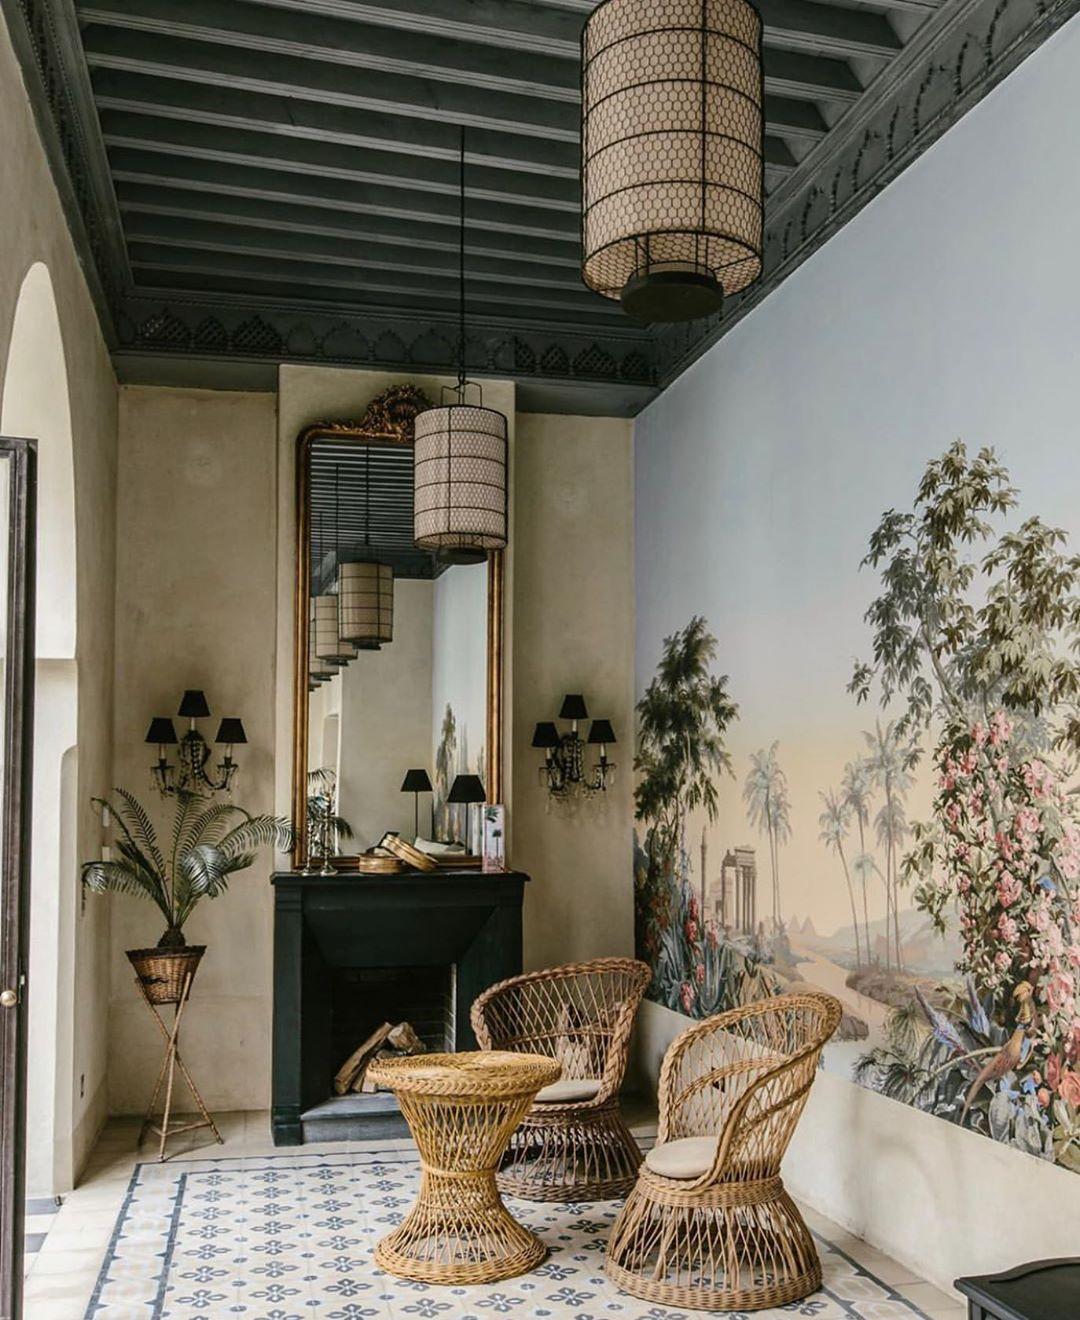 """MONA on Instagram: """"Moroccan dreams 🎪 @tarabelmarrakech . . . . #interior #interiors #interiordesign #interiorinspiration #interieur #walls #fresco…"""""""